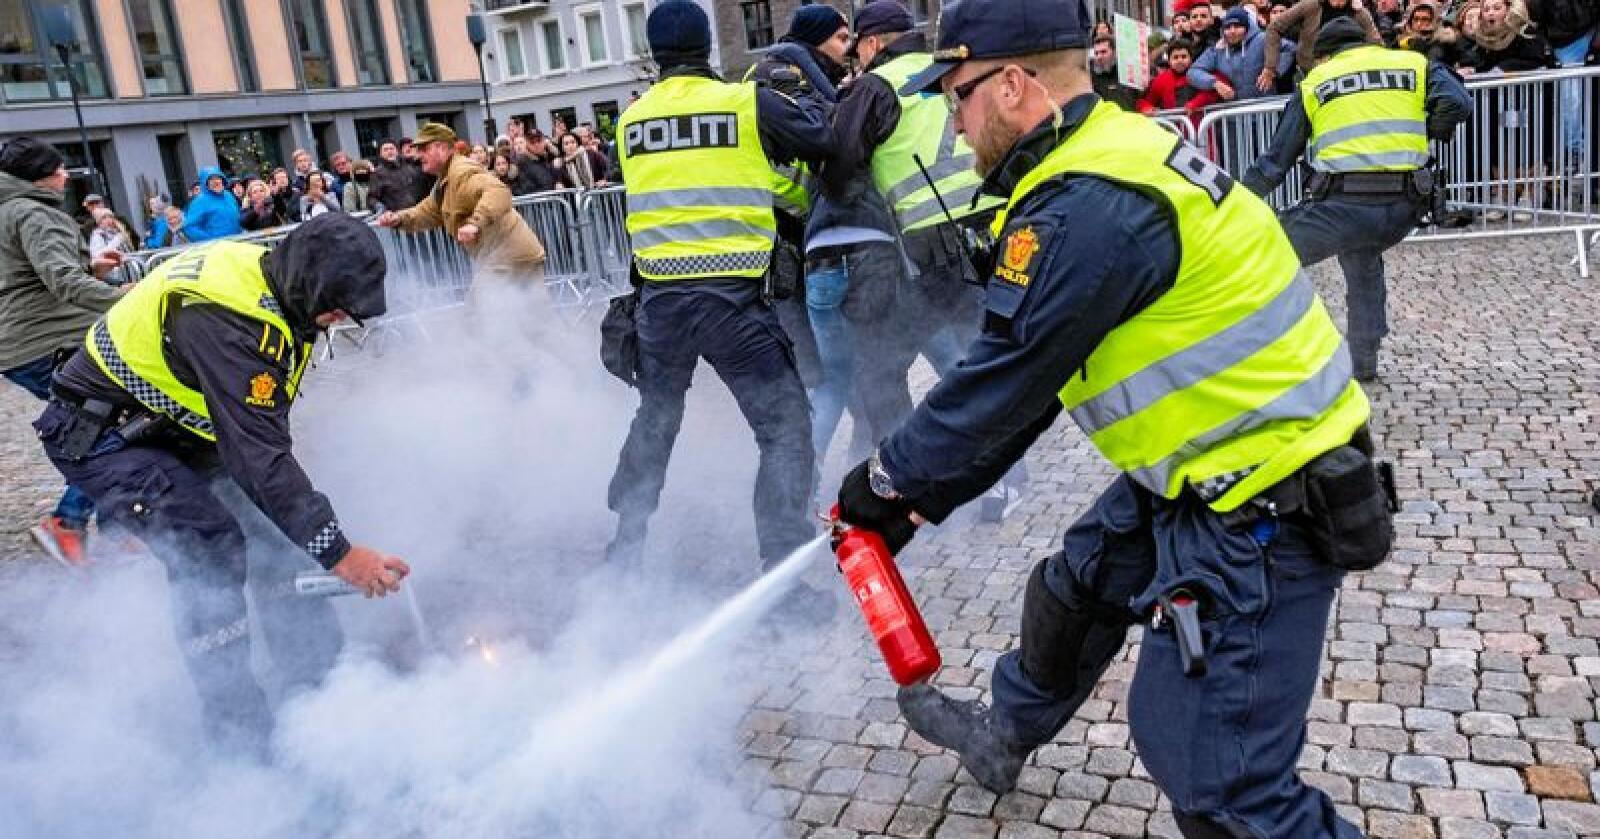 Demonstrasjon: Politiet griper inn mot brenning av en koran under en Sian-demonstrasjon i Kristiansand. Foto: Tor Erik Schrøder / NTB scanpix